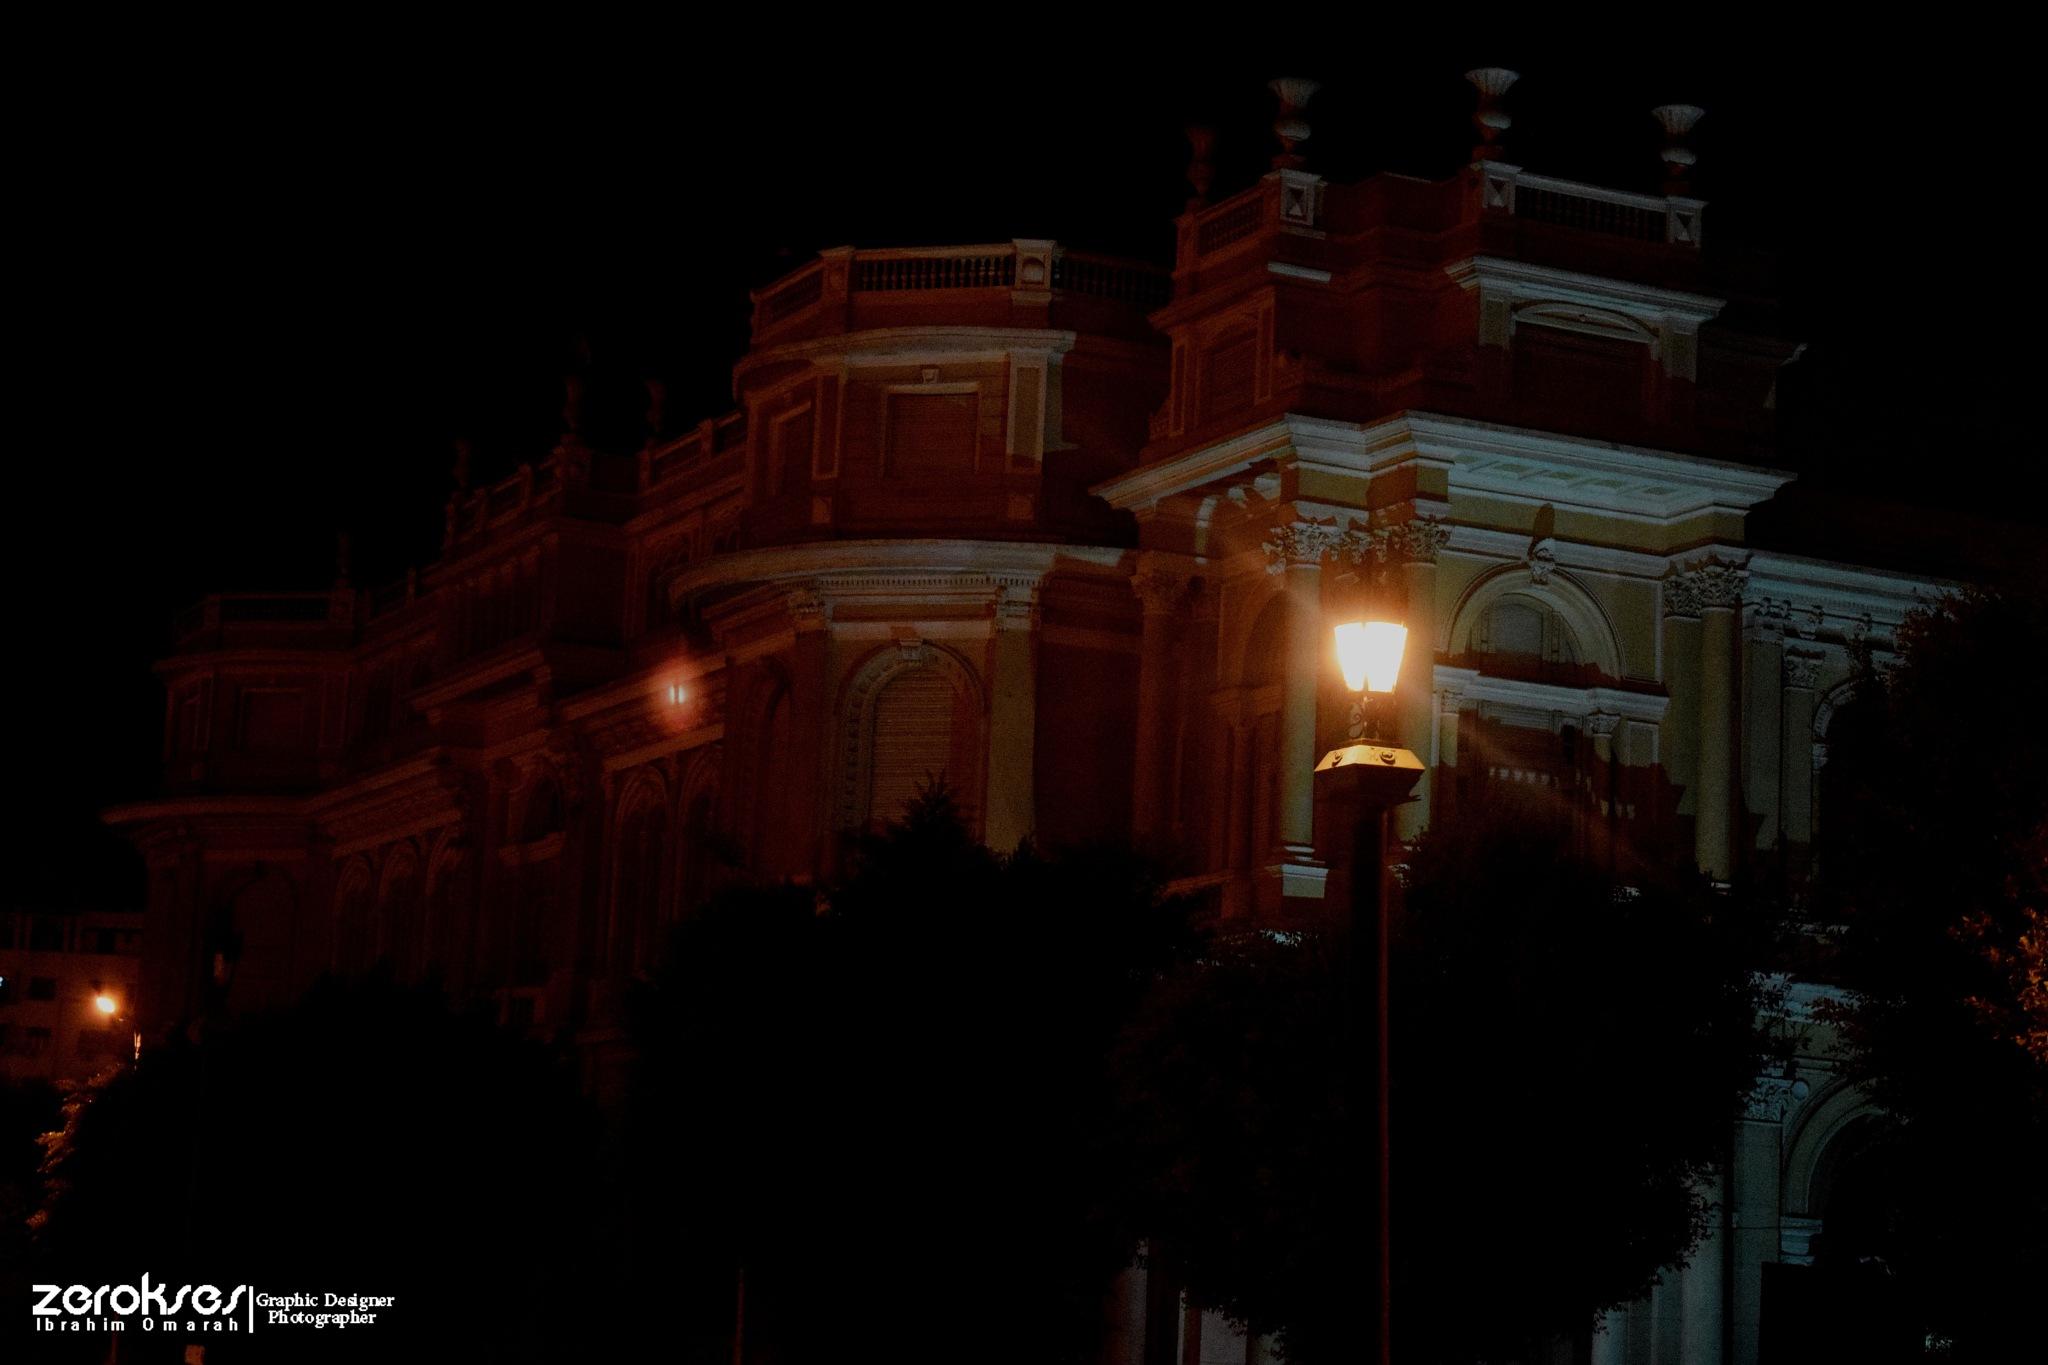 palace by Ibrahim Omarah